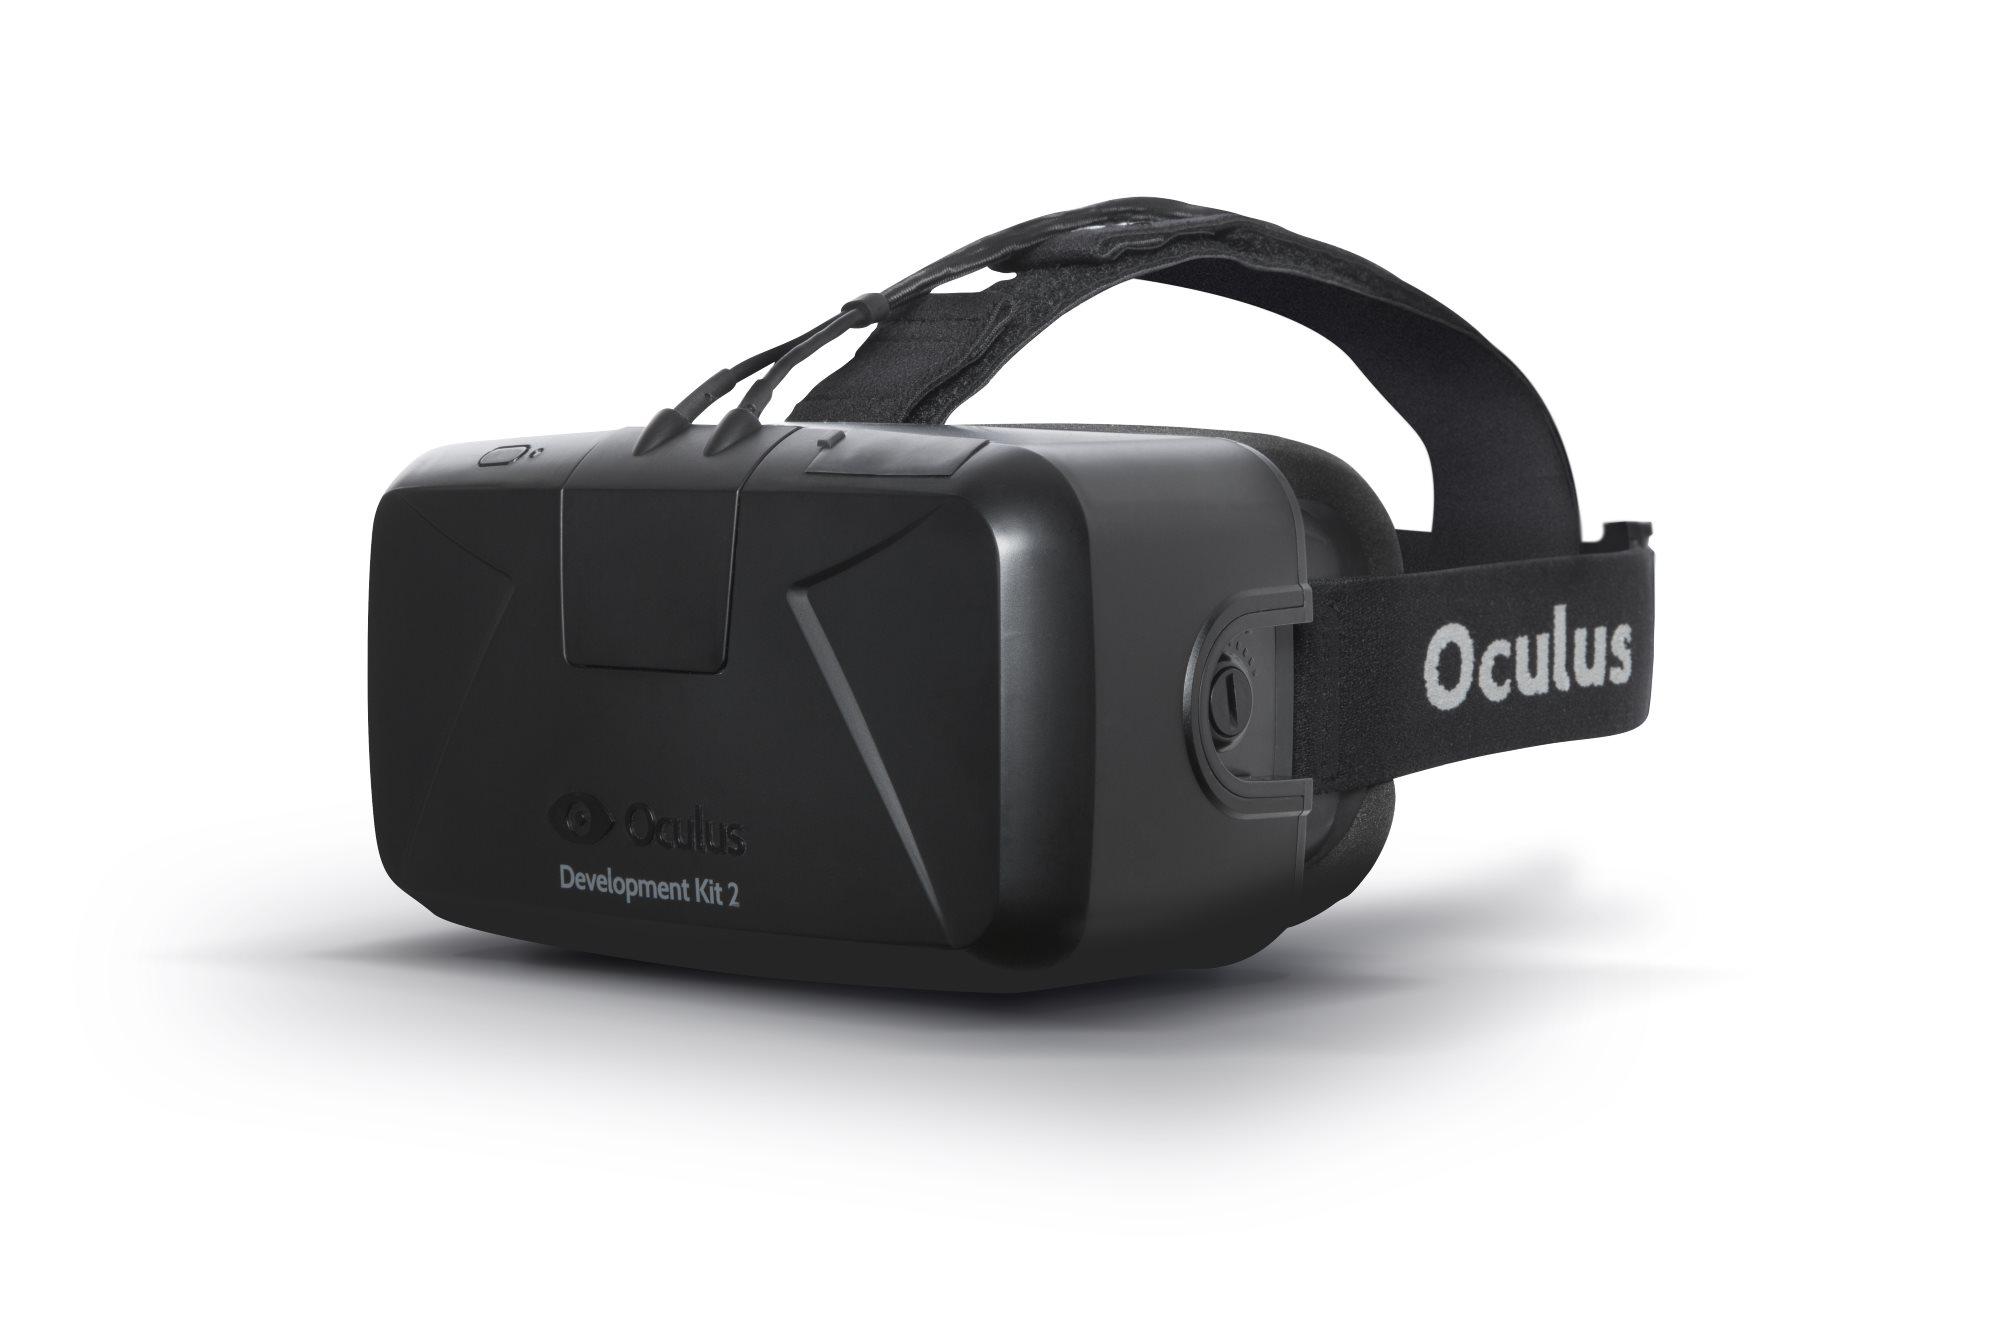 OculusRiftMK2